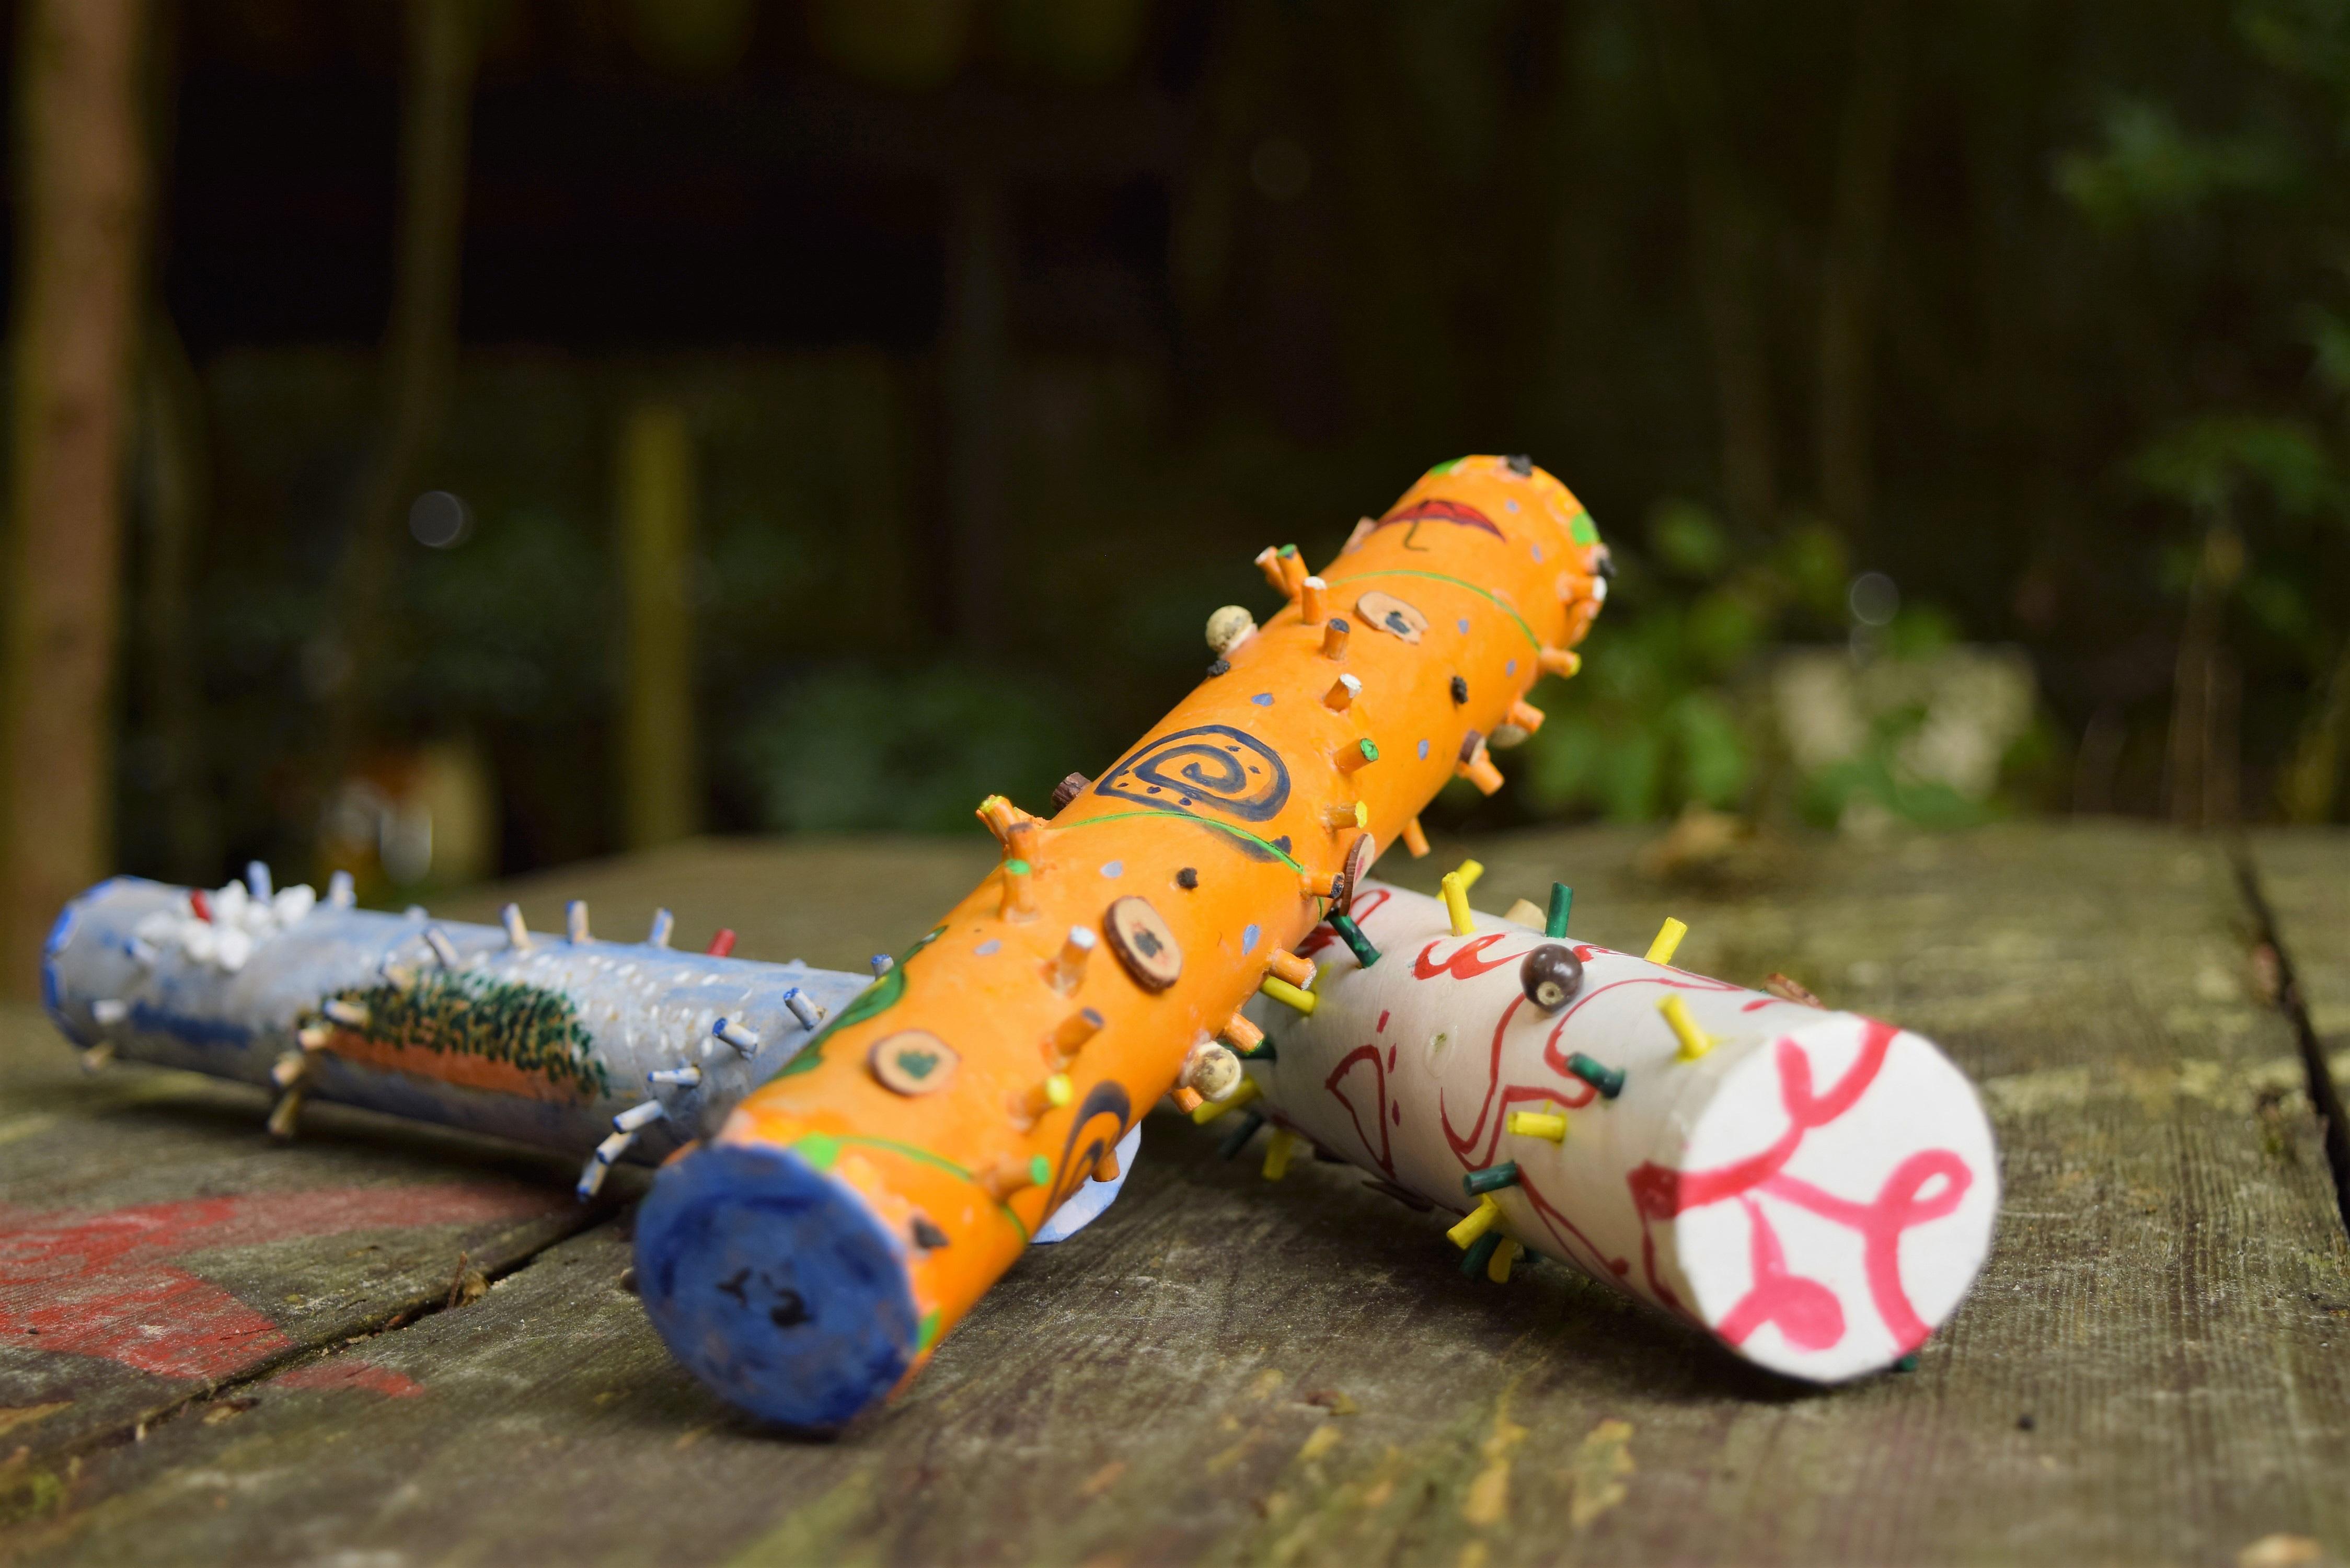 木の実や枝を使ってマイ楽器を作ろう!